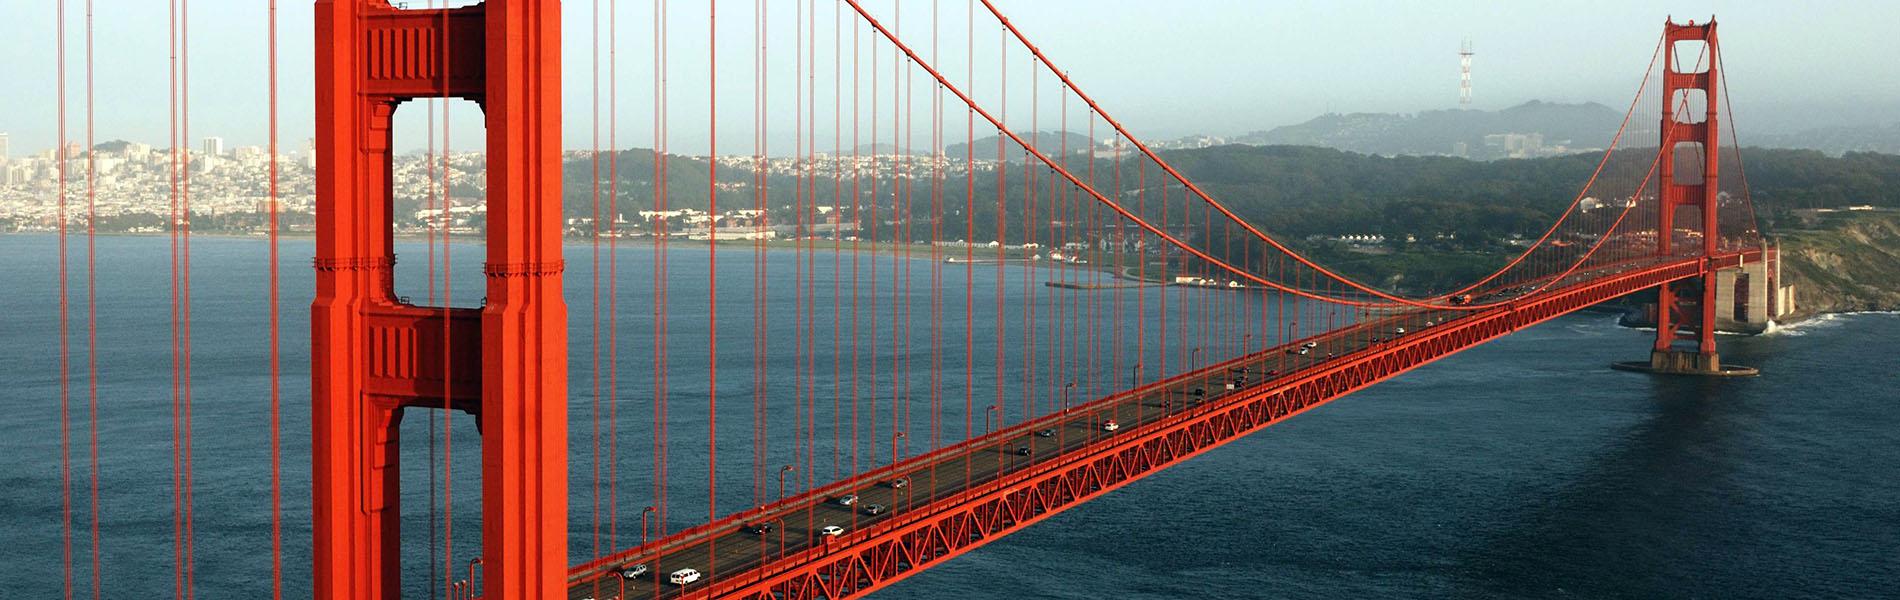 サンフランシスコご案内